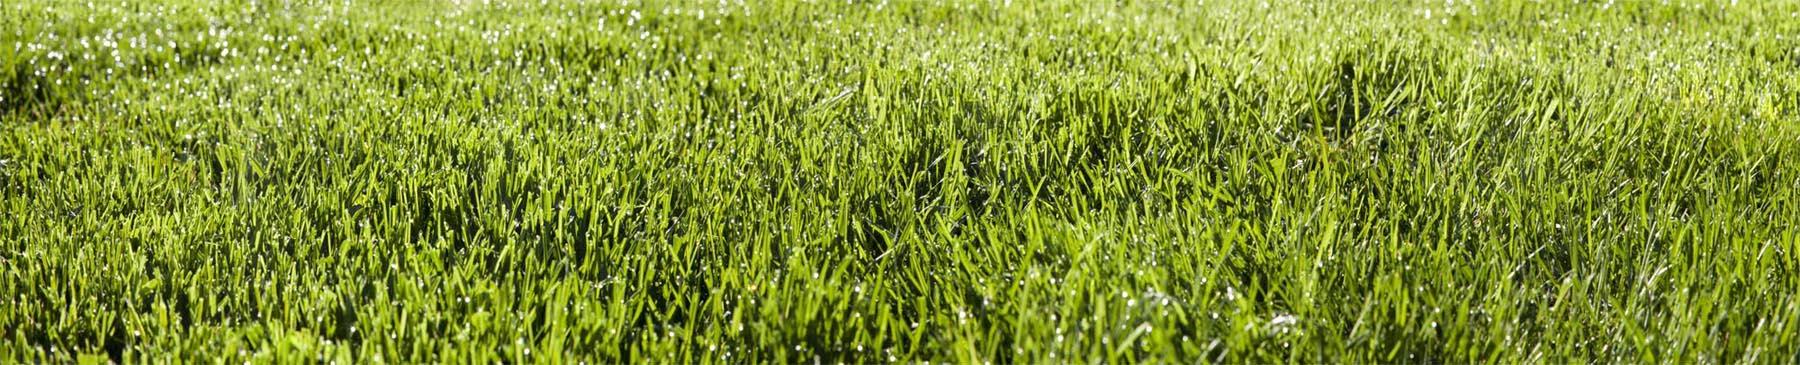 5-3-16 9 am Grass #1